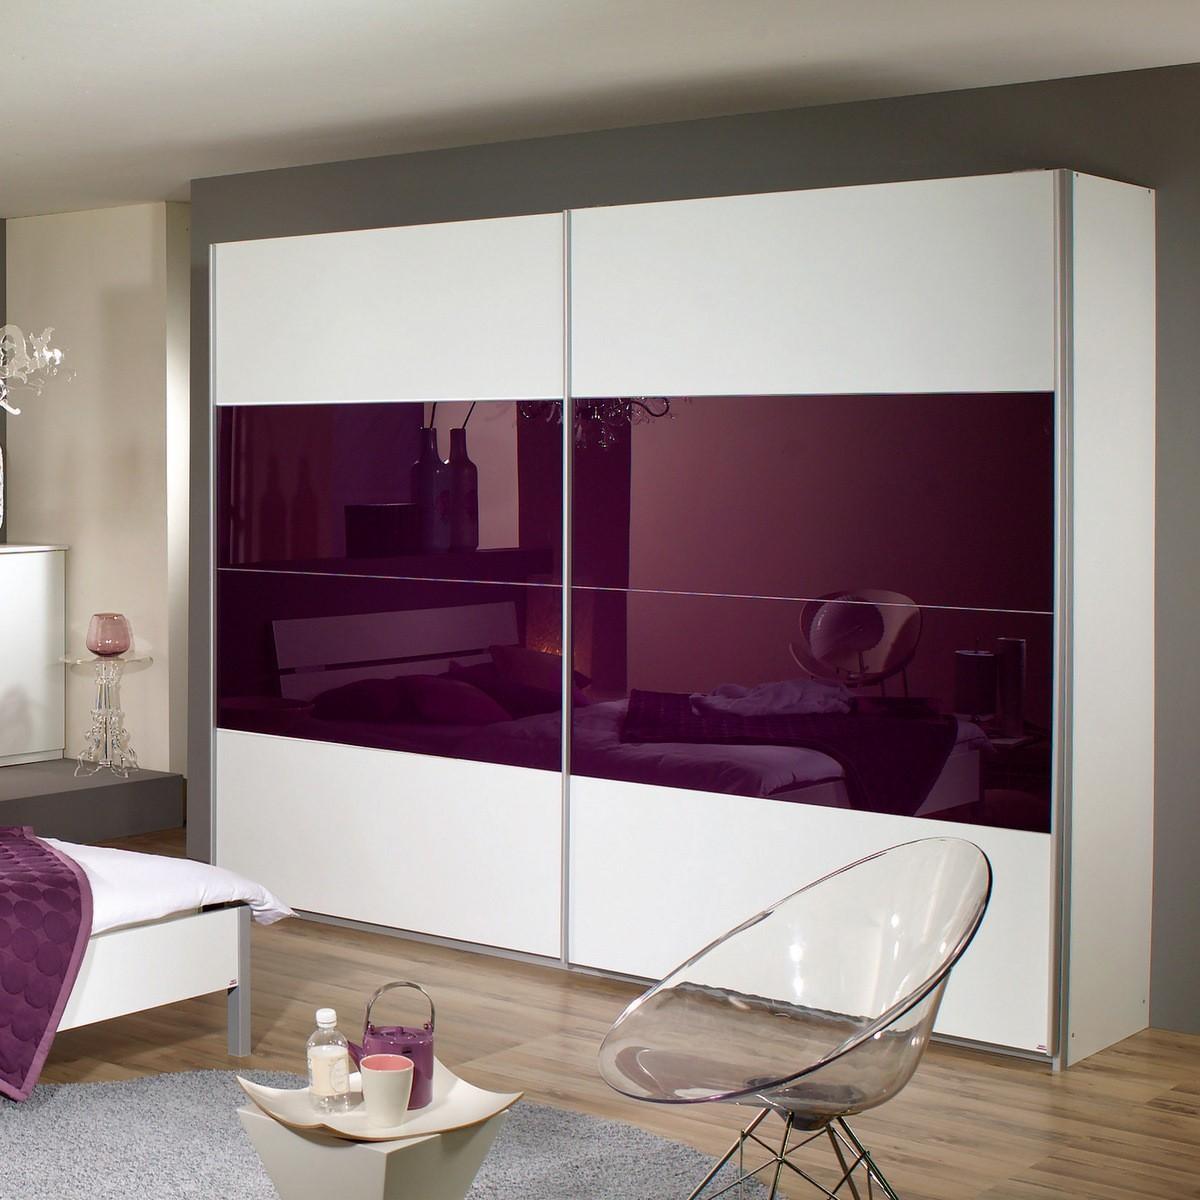 Schlafzimmer lila: schlafzimmer einrichten romantische atmosphare ...